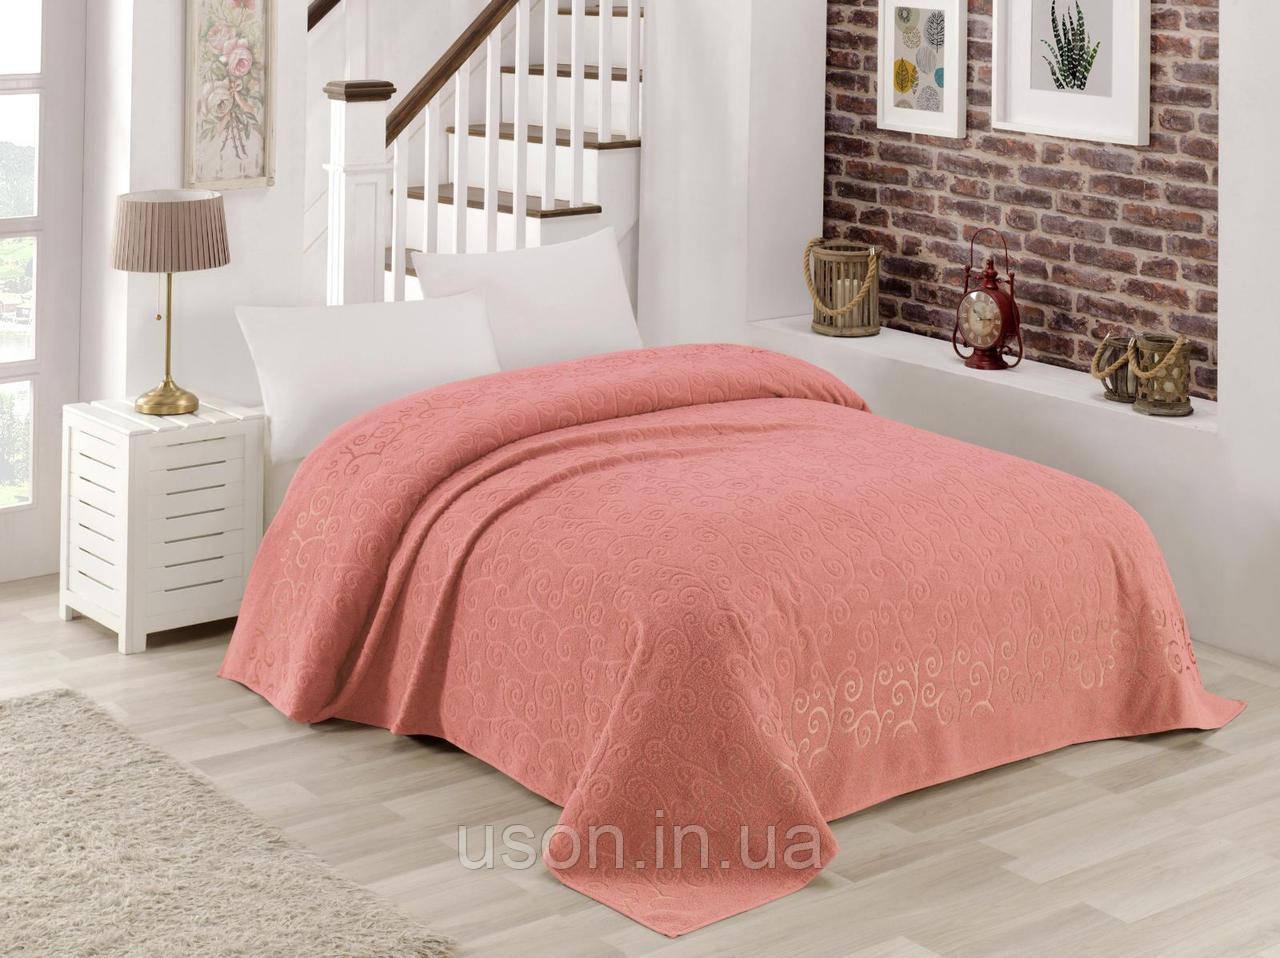 Турецкая махровая хлопковая простынь  Tм Zeron Bermal розовый